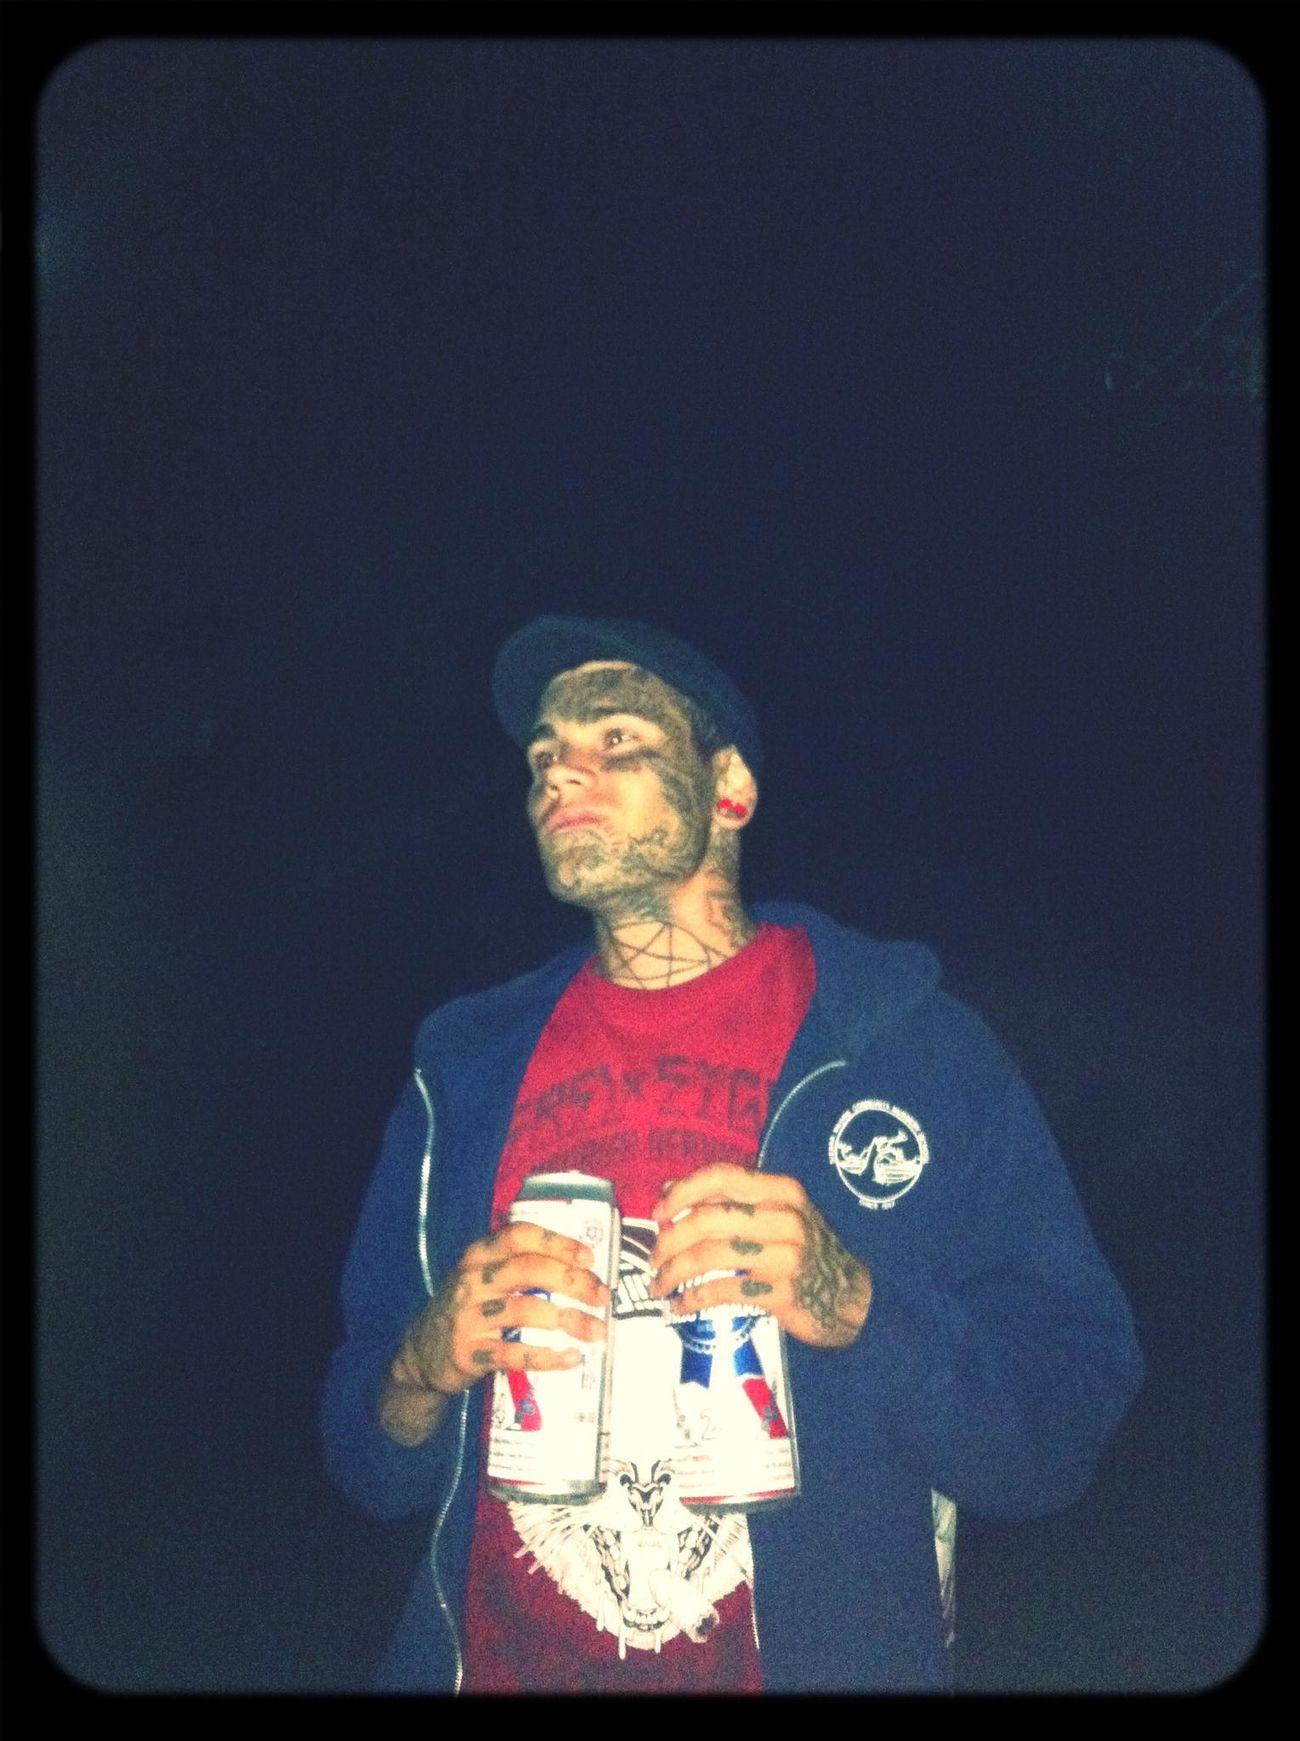 Pabst, pbr, toxic, drink, tatts, tattoos